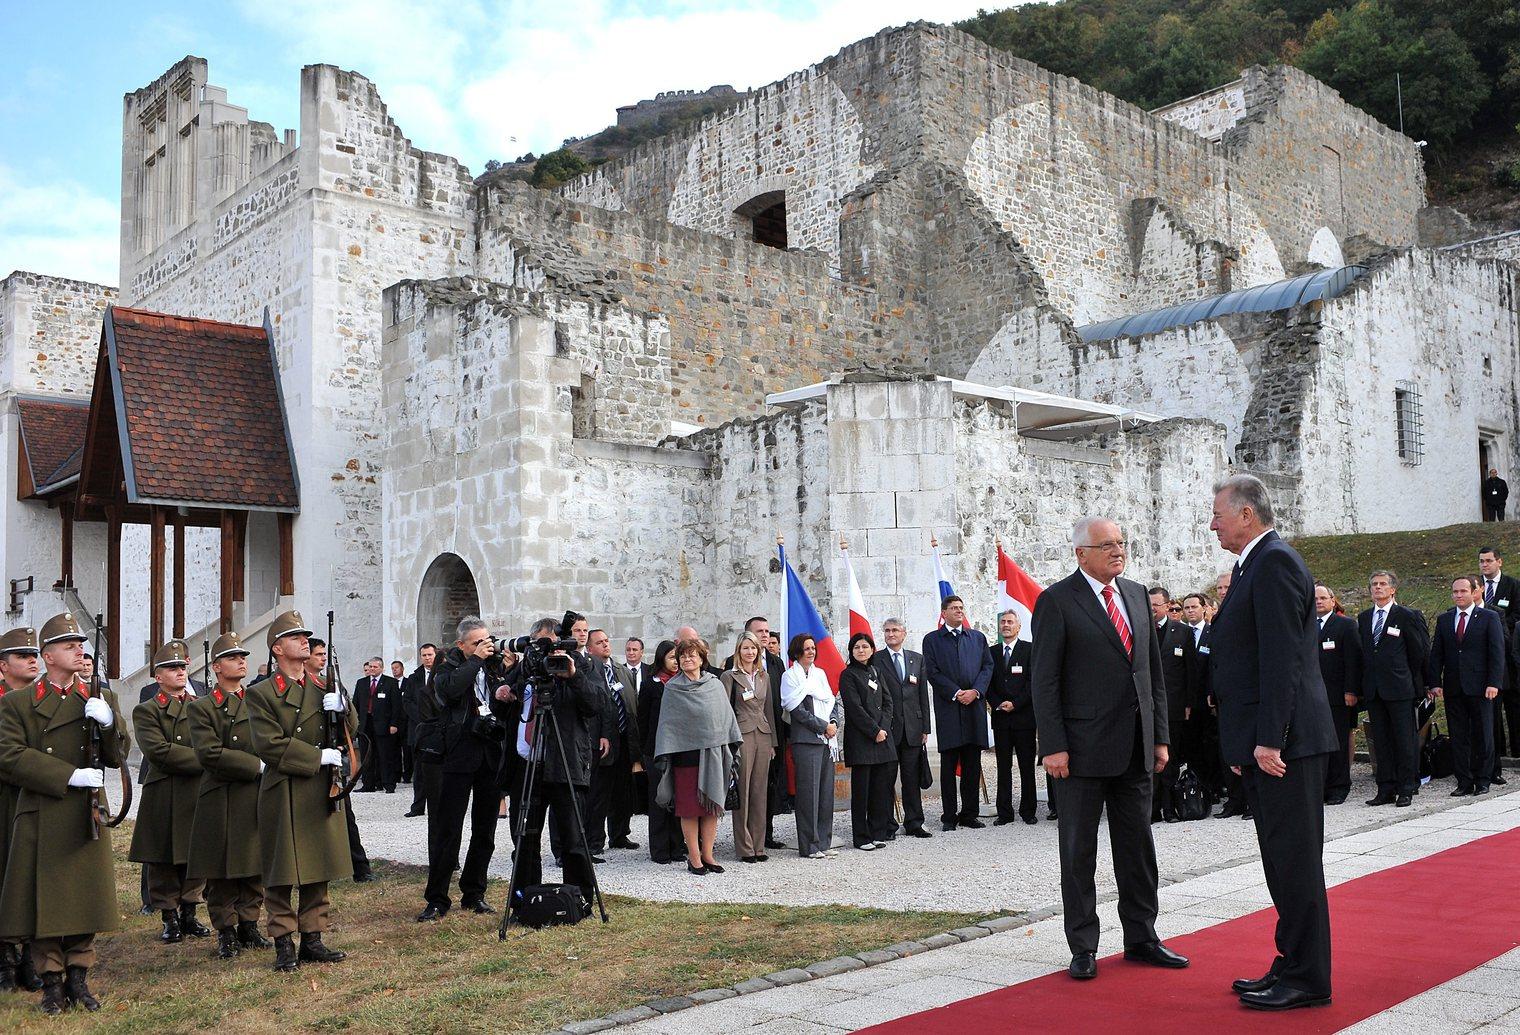 Visegrád, 2011. október 8. Schmitt Pál  köztársasági elnök (j) fogadja Václav Klaust, a Cseh Köztársaság elnökét (j2), a királyi várban. Megkezdődött Visegrádon a V4-országok - Magyarország, Szlovákia, Csehország és Lengyelország - államfőinek tanácskozása, ahol a négy köztársasági elnök két plenáris ülésen tekinti át a visegrádi együttműködés eddigi két évtizedének eredményeit és aktuális kérdéseit. MTI Fotó: Kovács Tamás